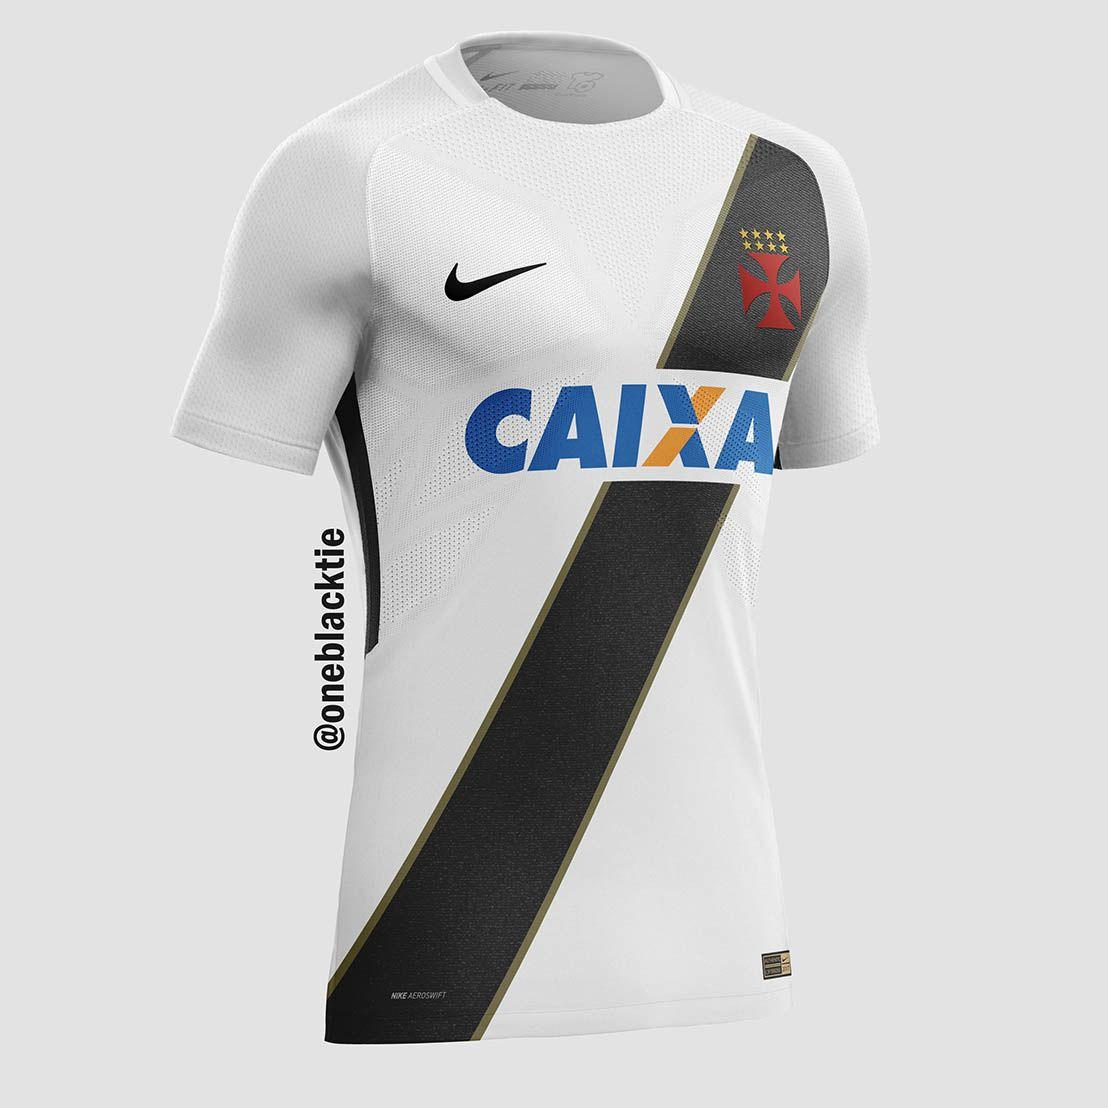 5c341a6cae425 Designer cria camisas de clubes brasileiros inspiradas na Nike - Parte 02 -  Show de Camisas